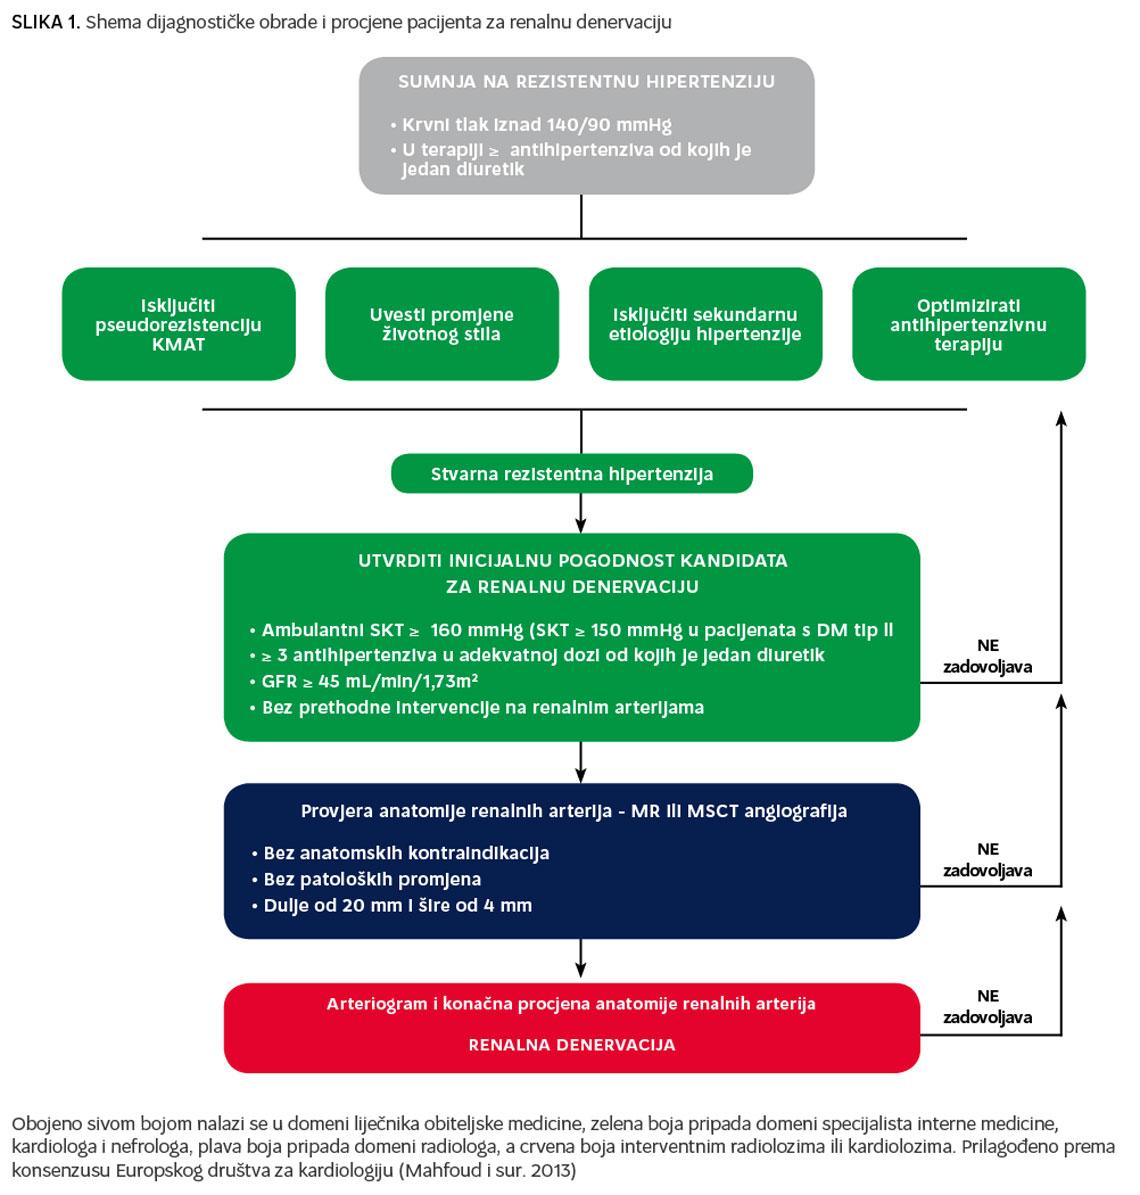 europskog kardiološkog društva hipertenzije